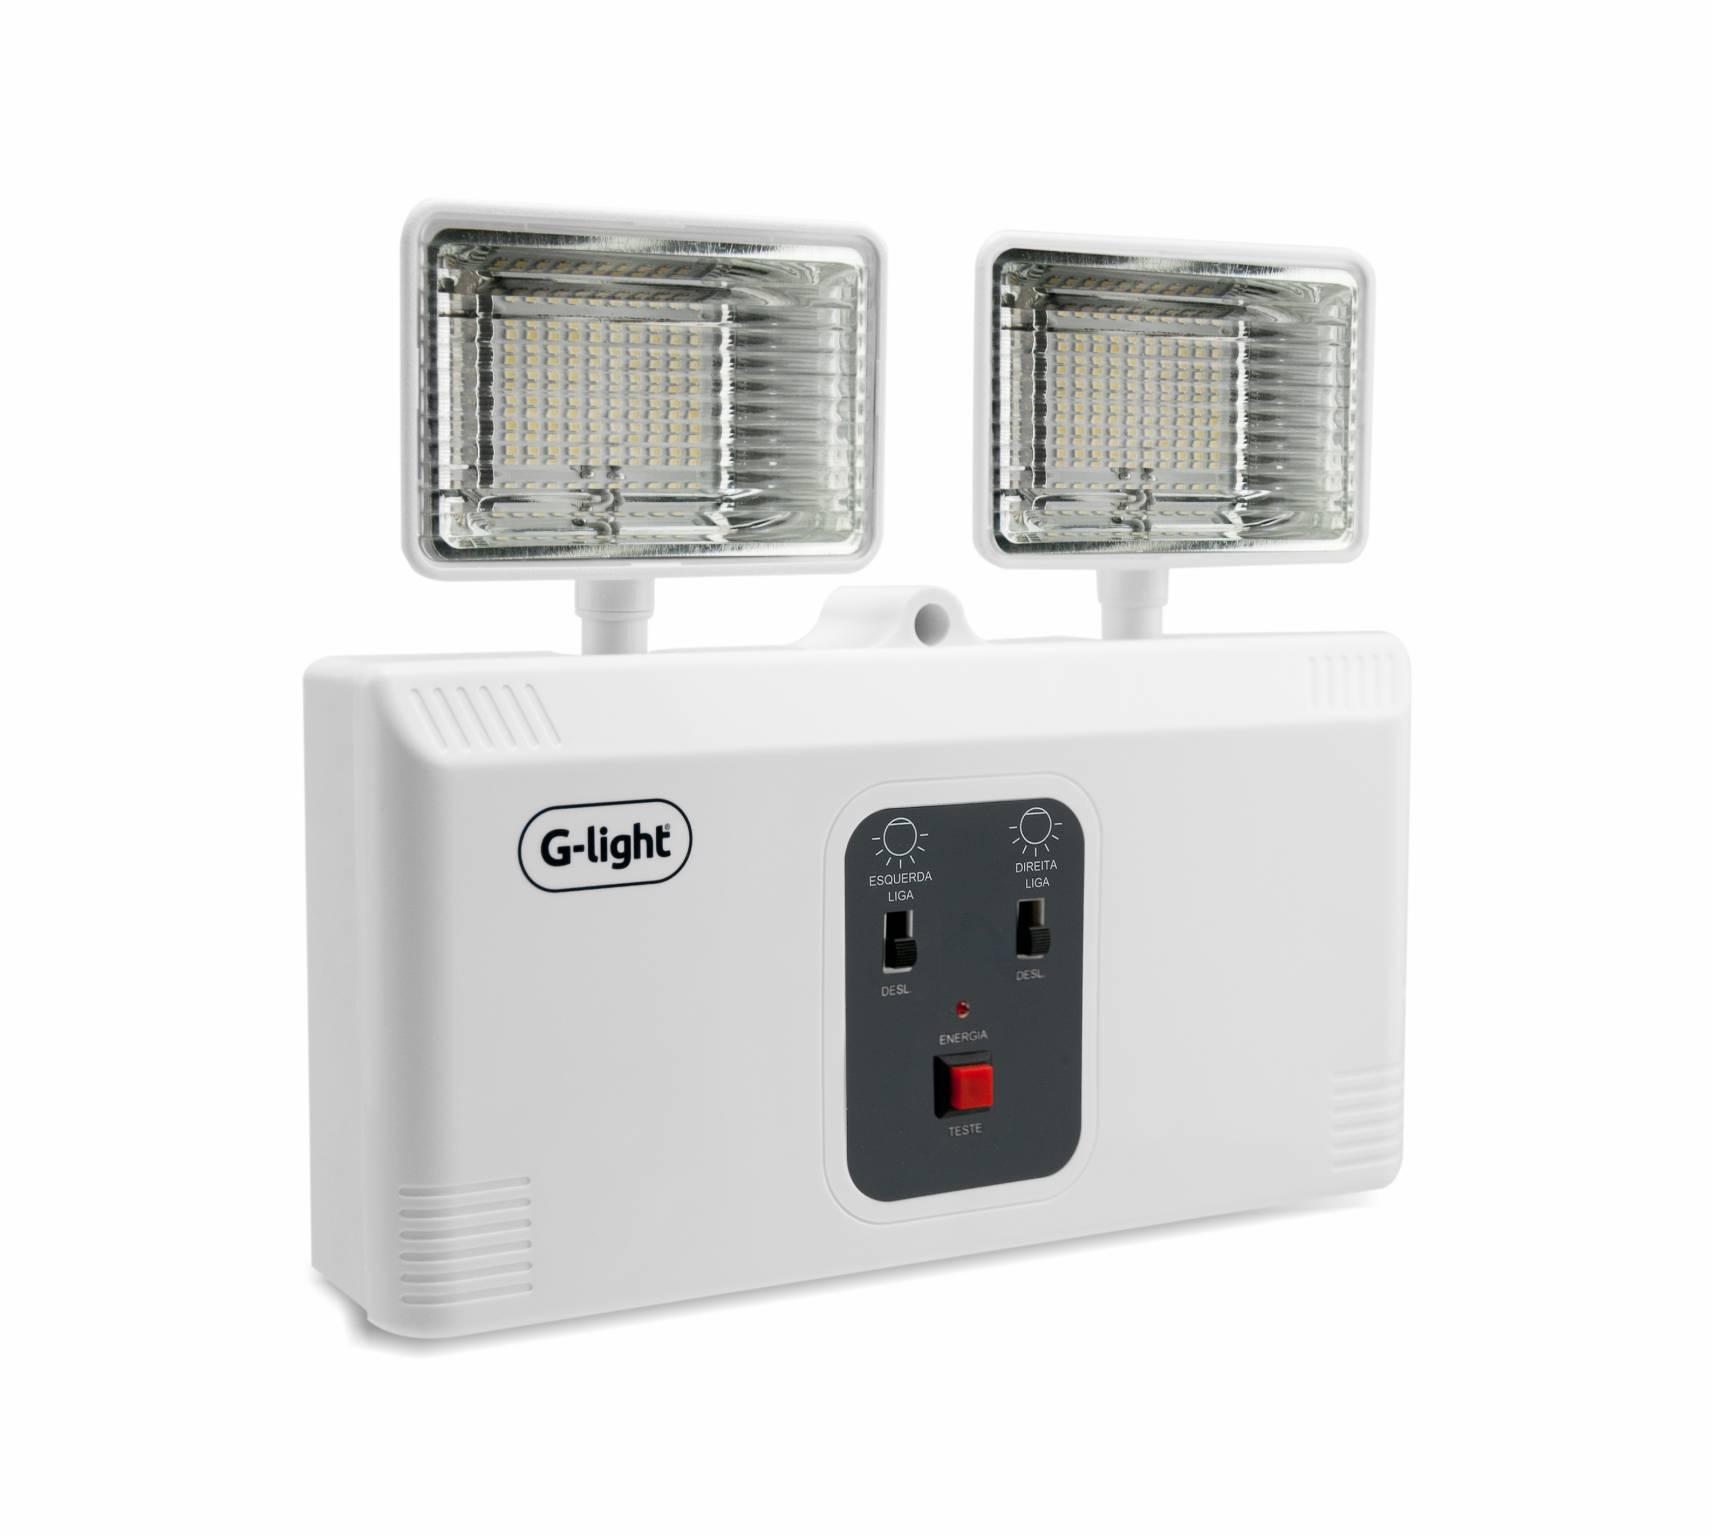 Bloco Autonomo LED P/ Iluminação de Emergência 10W - 1200lm 6500K AUTOVOLT